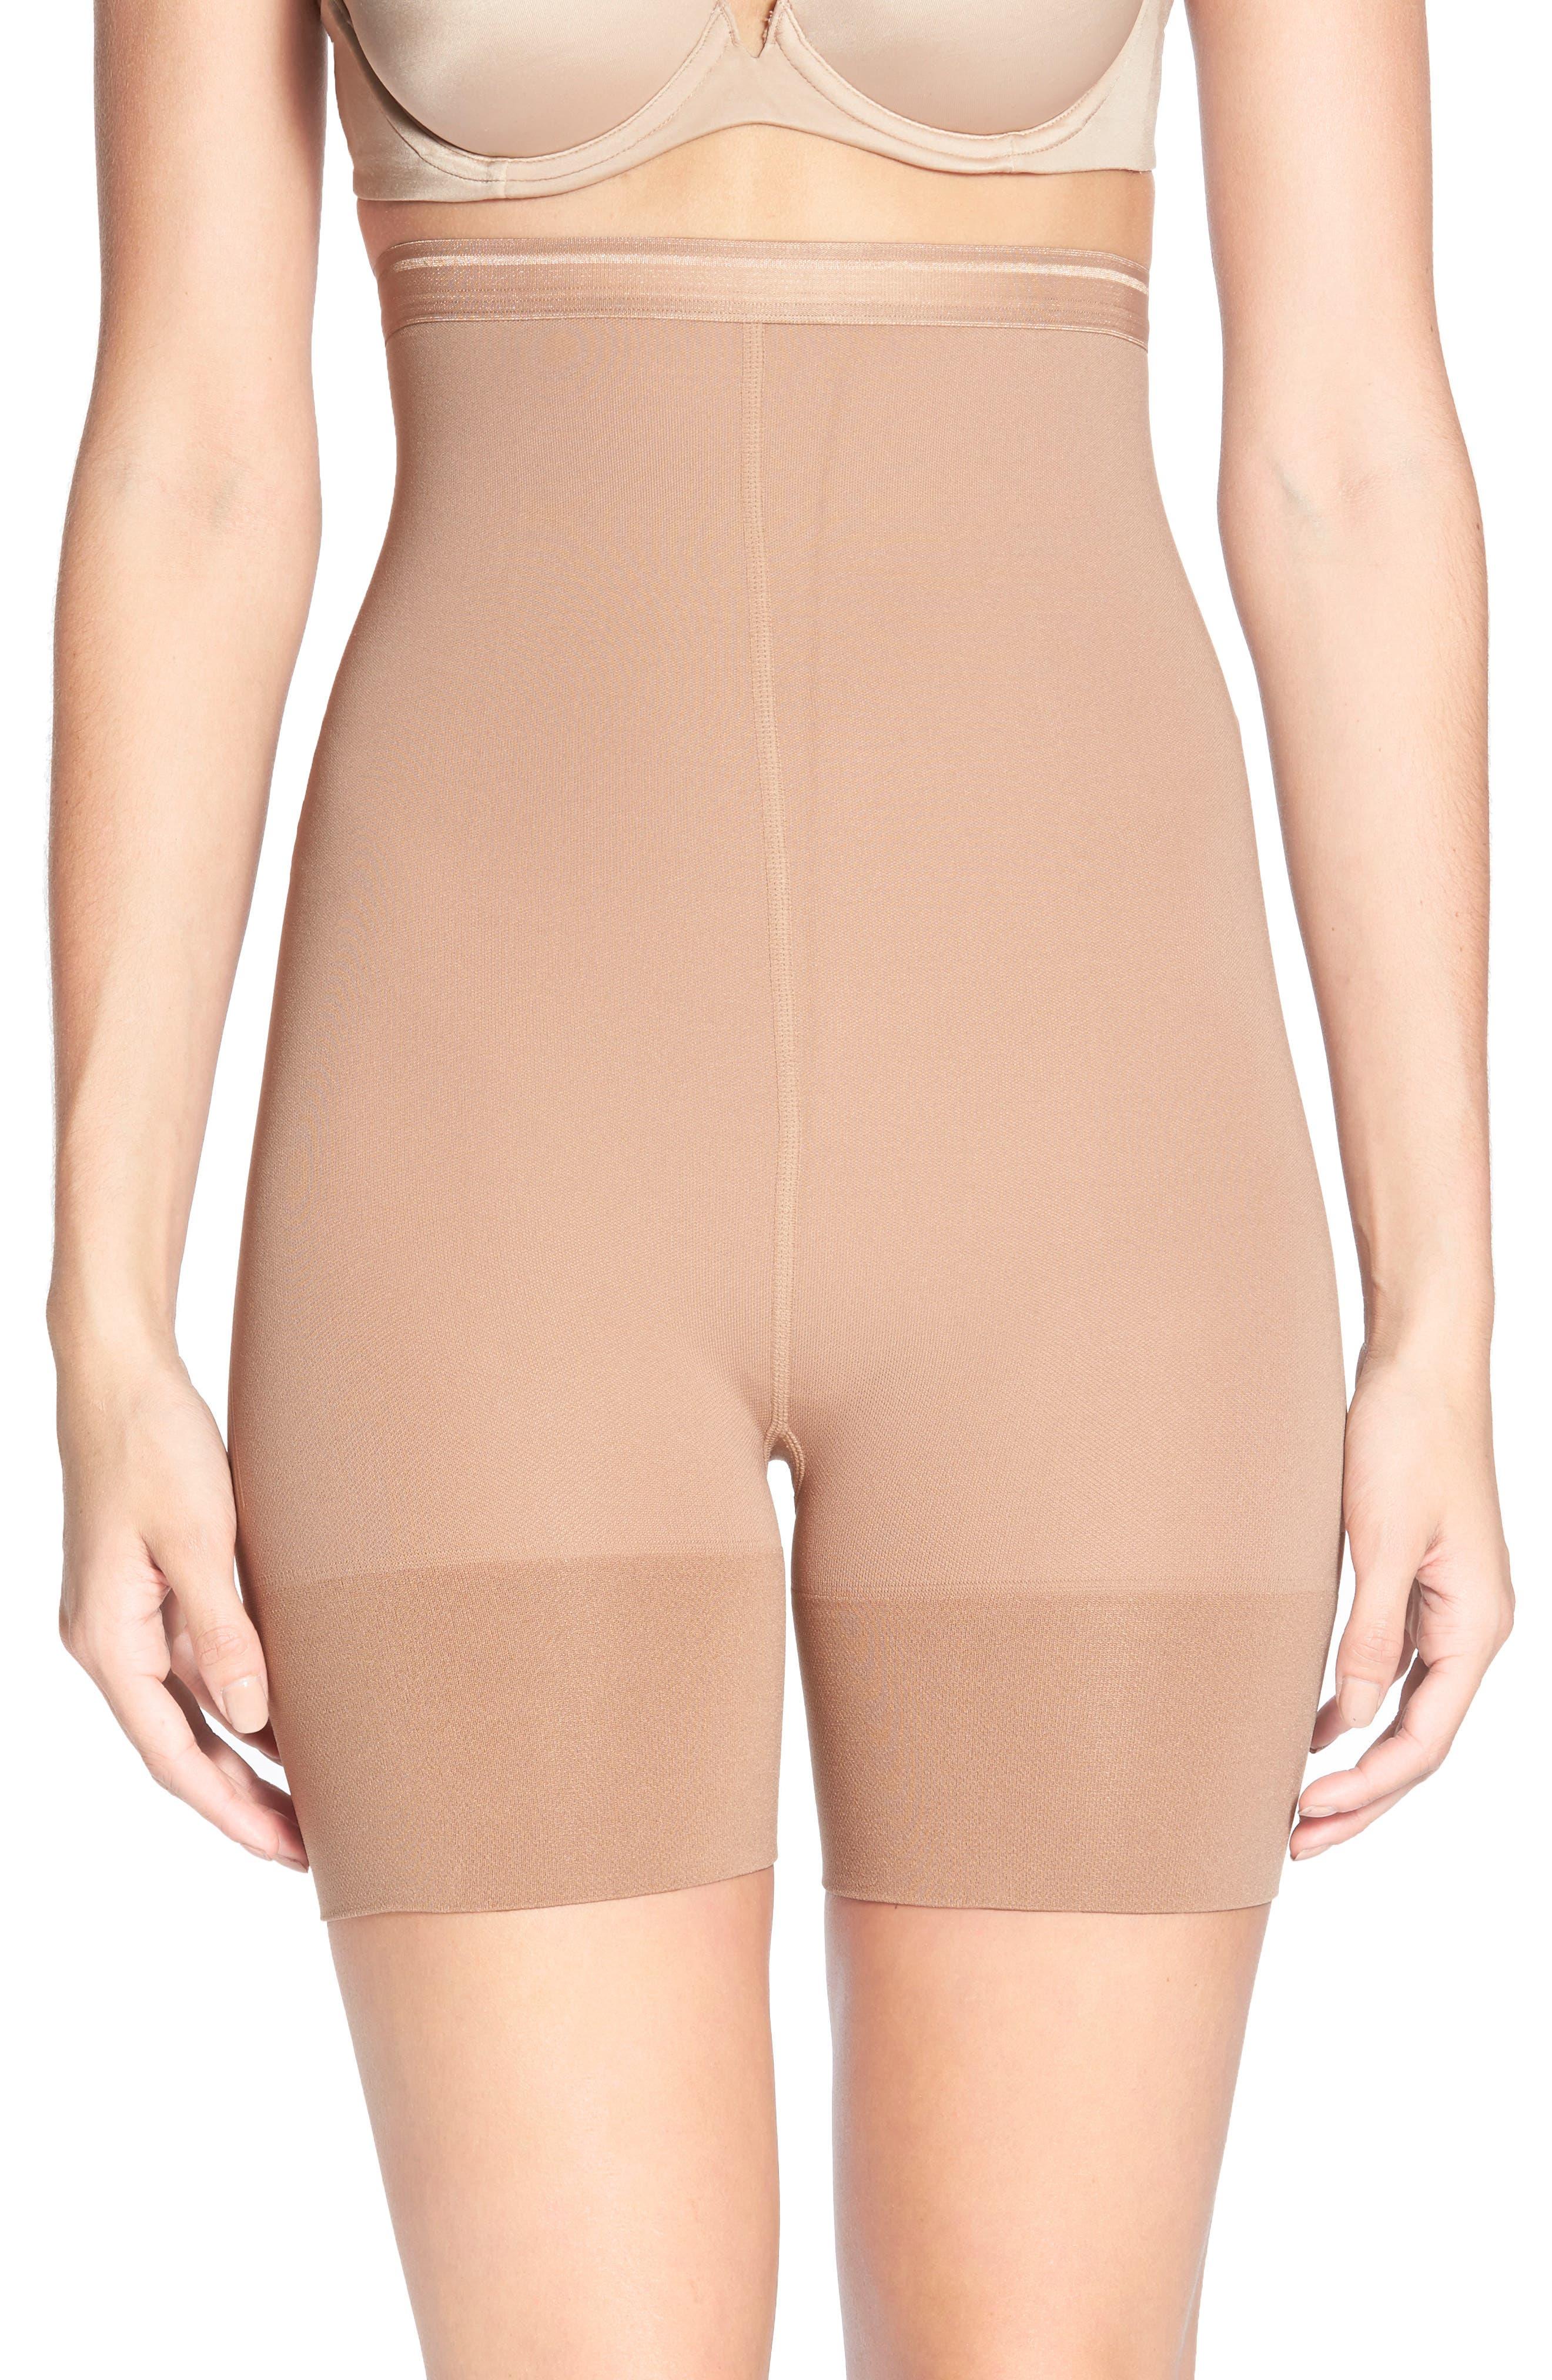 Shorty Shaping Shorts,                         Main,                         color, Caramel